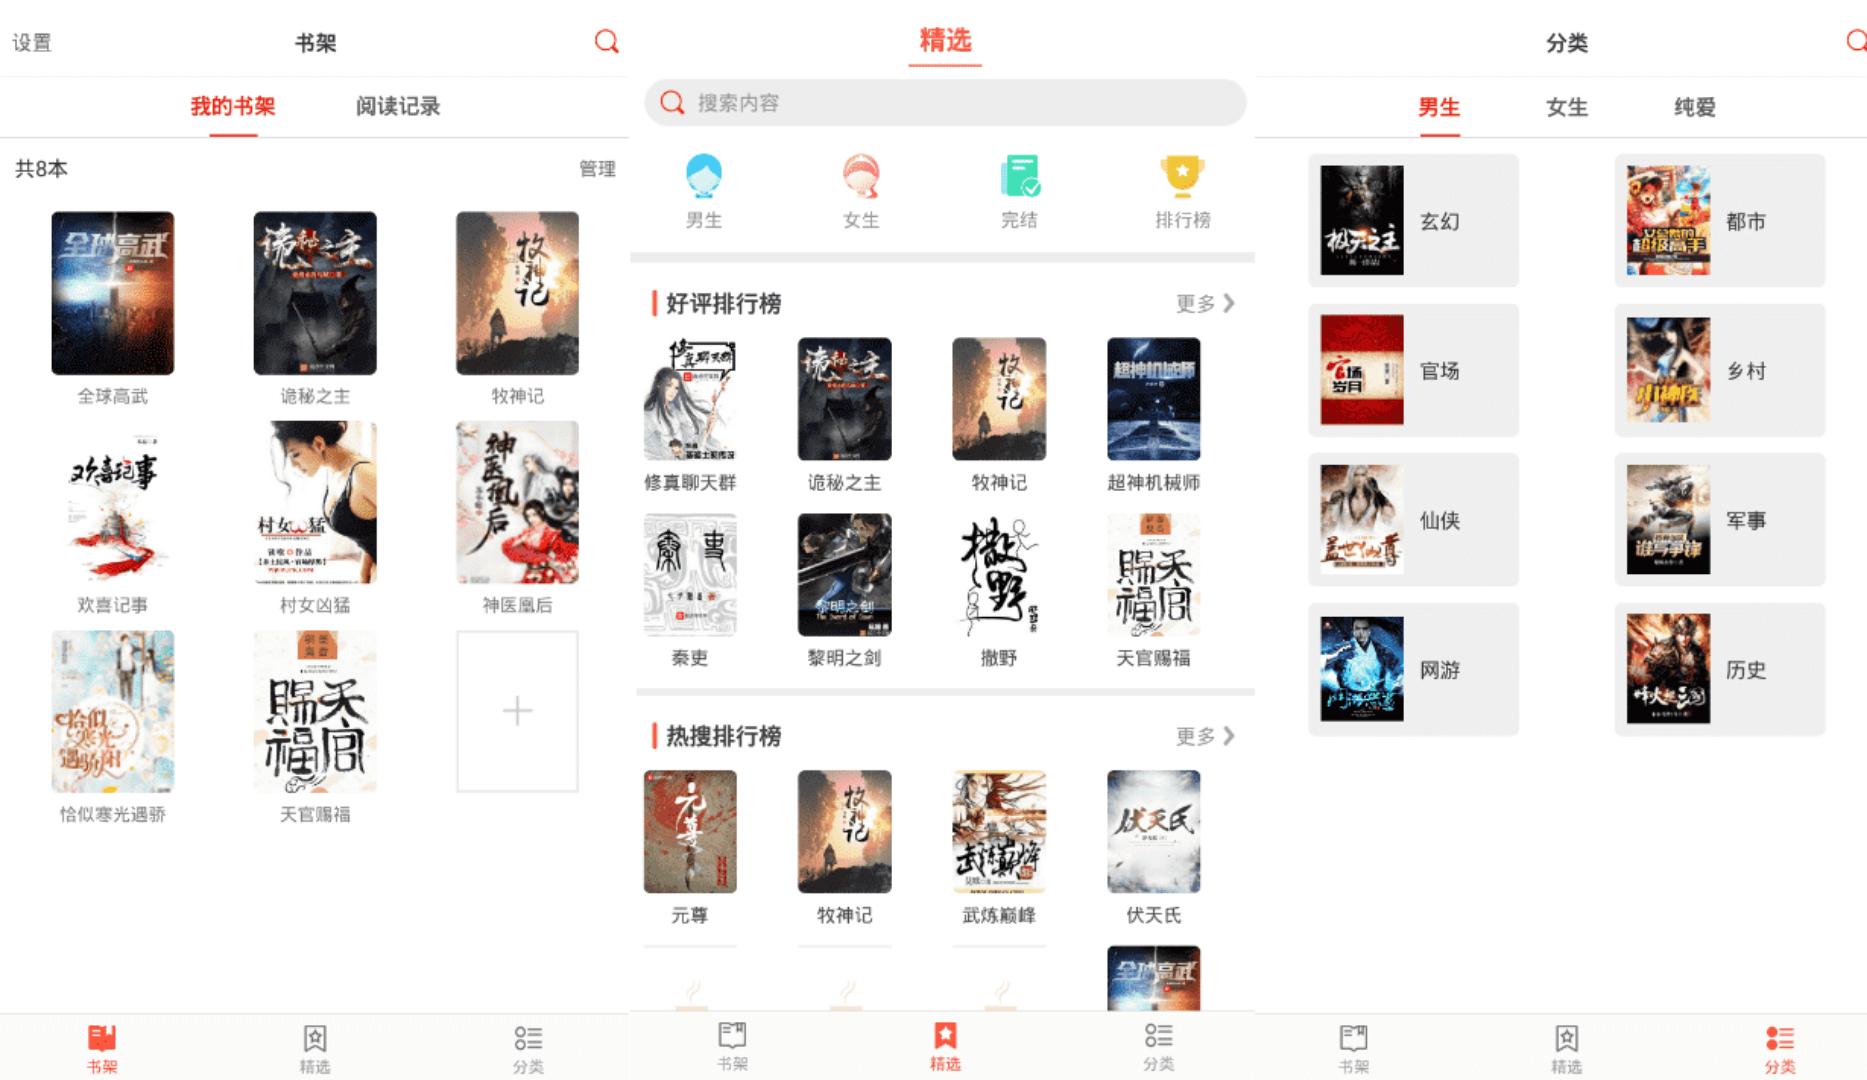 小说淘淘去广告版v1.0.20 免费看热门书籍